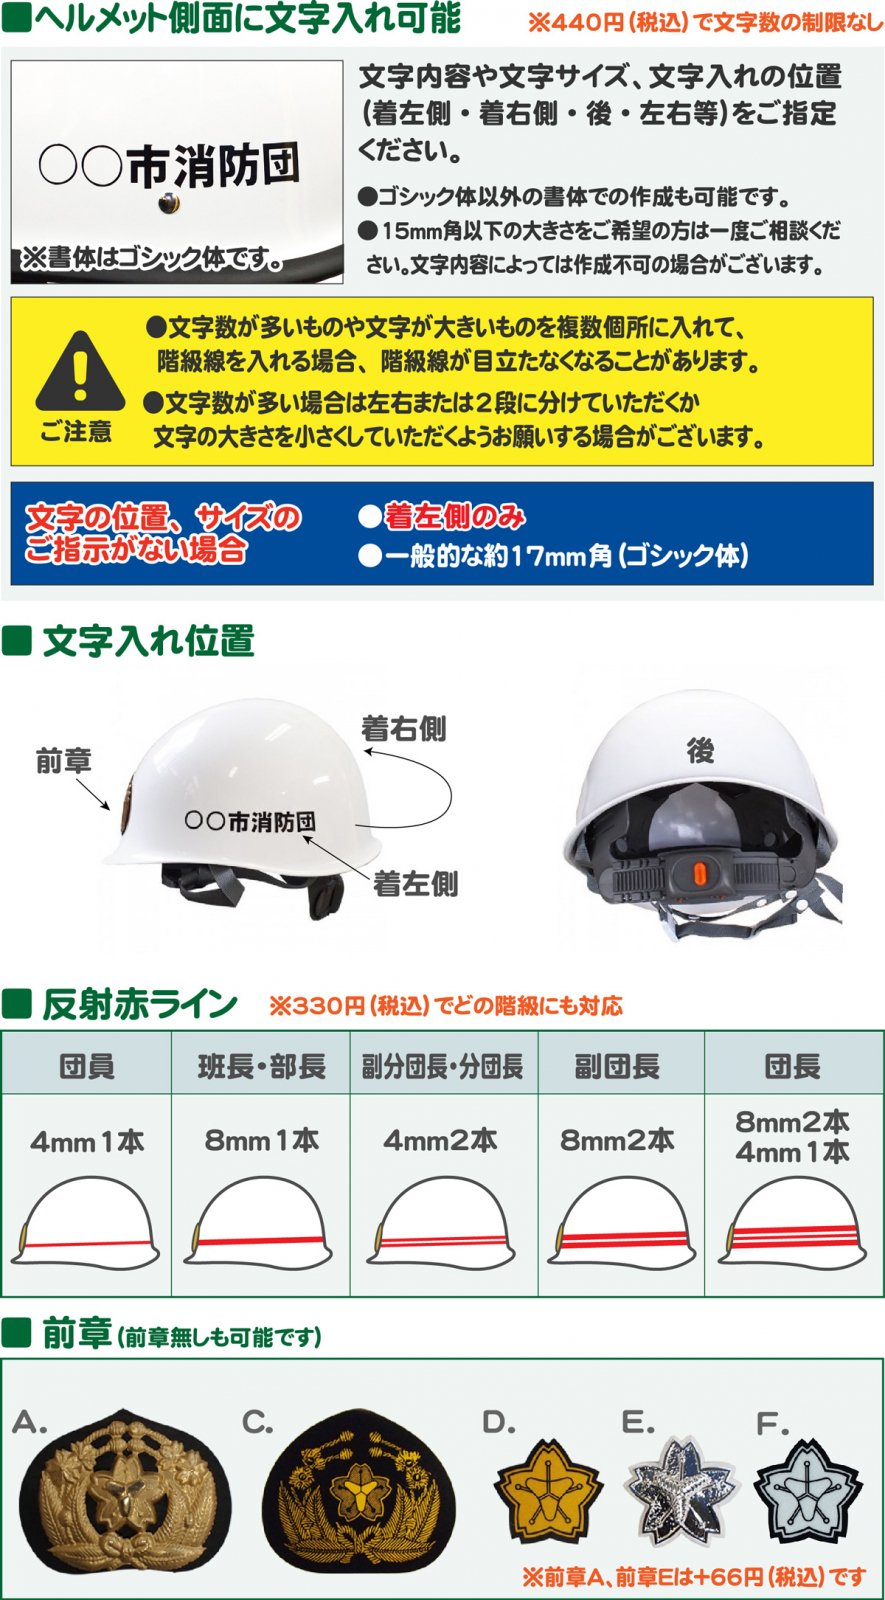 消防団ヘルメット【画像6】